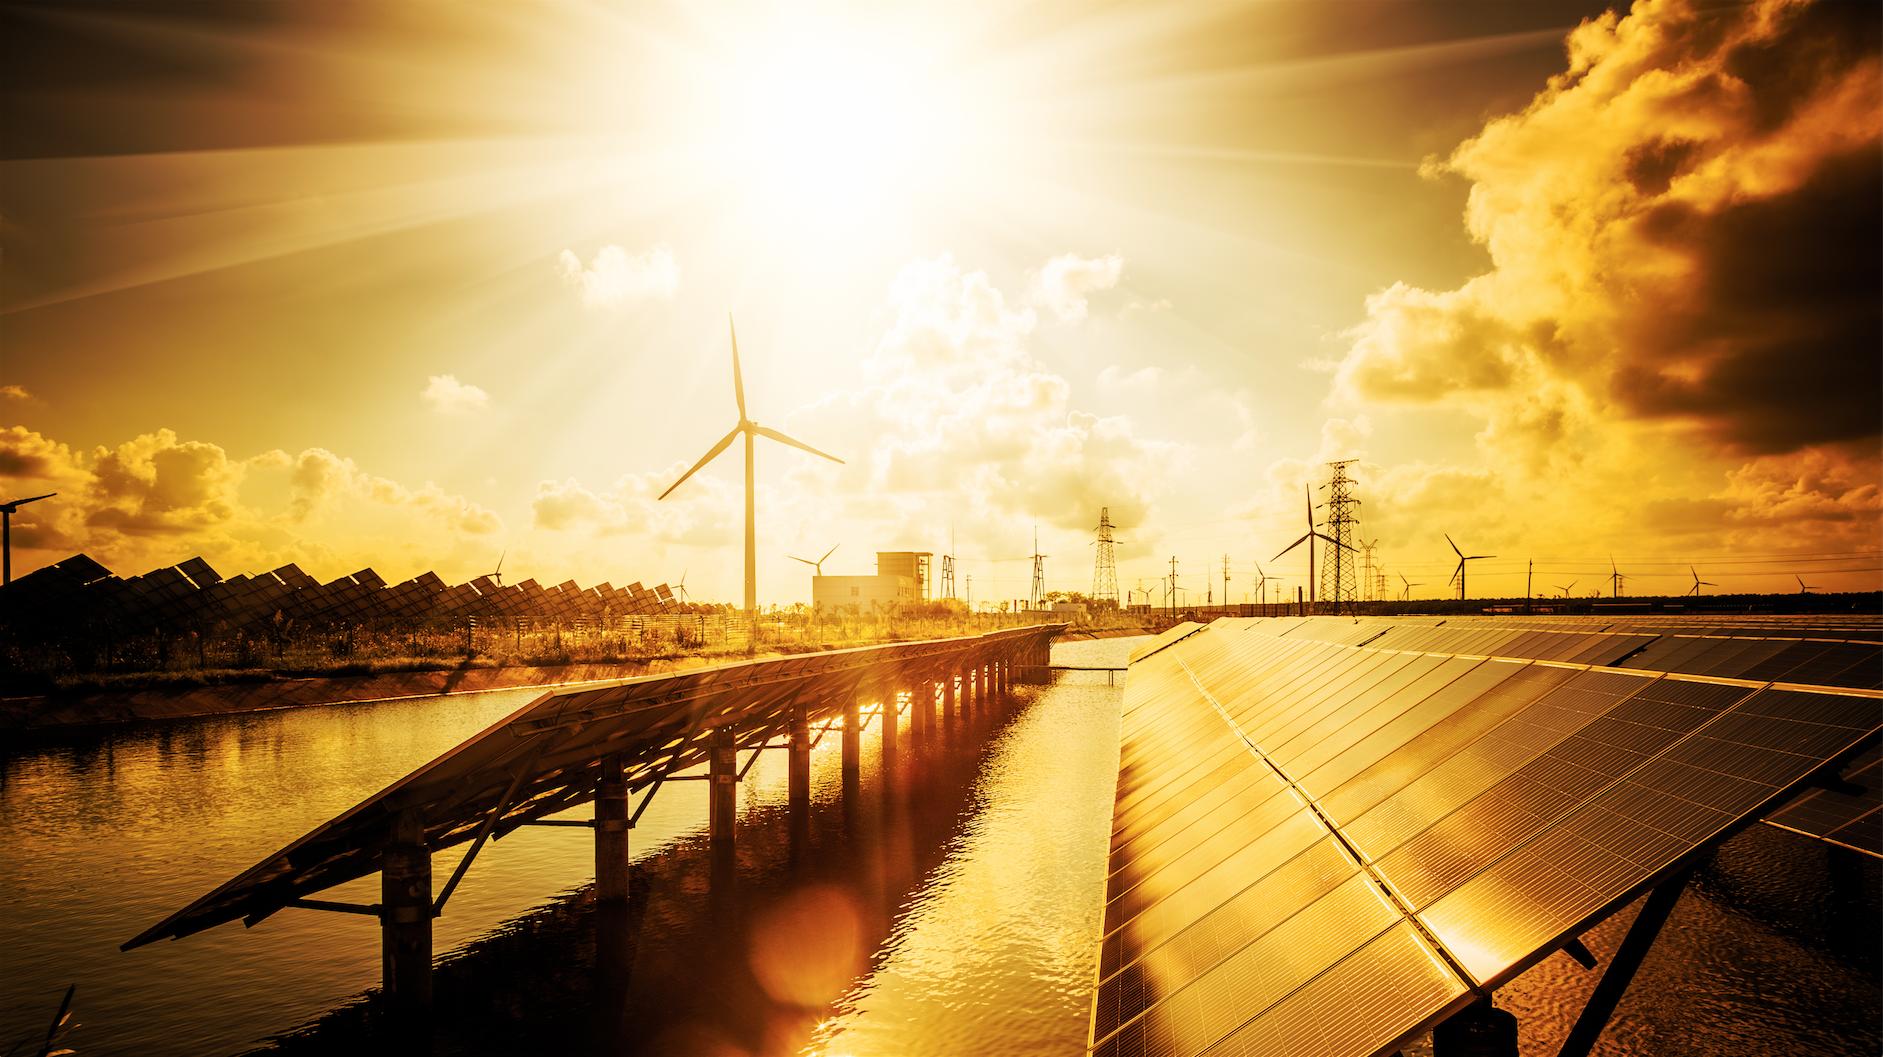 10 medidas para mejorar la eficiencia energética en Argentina